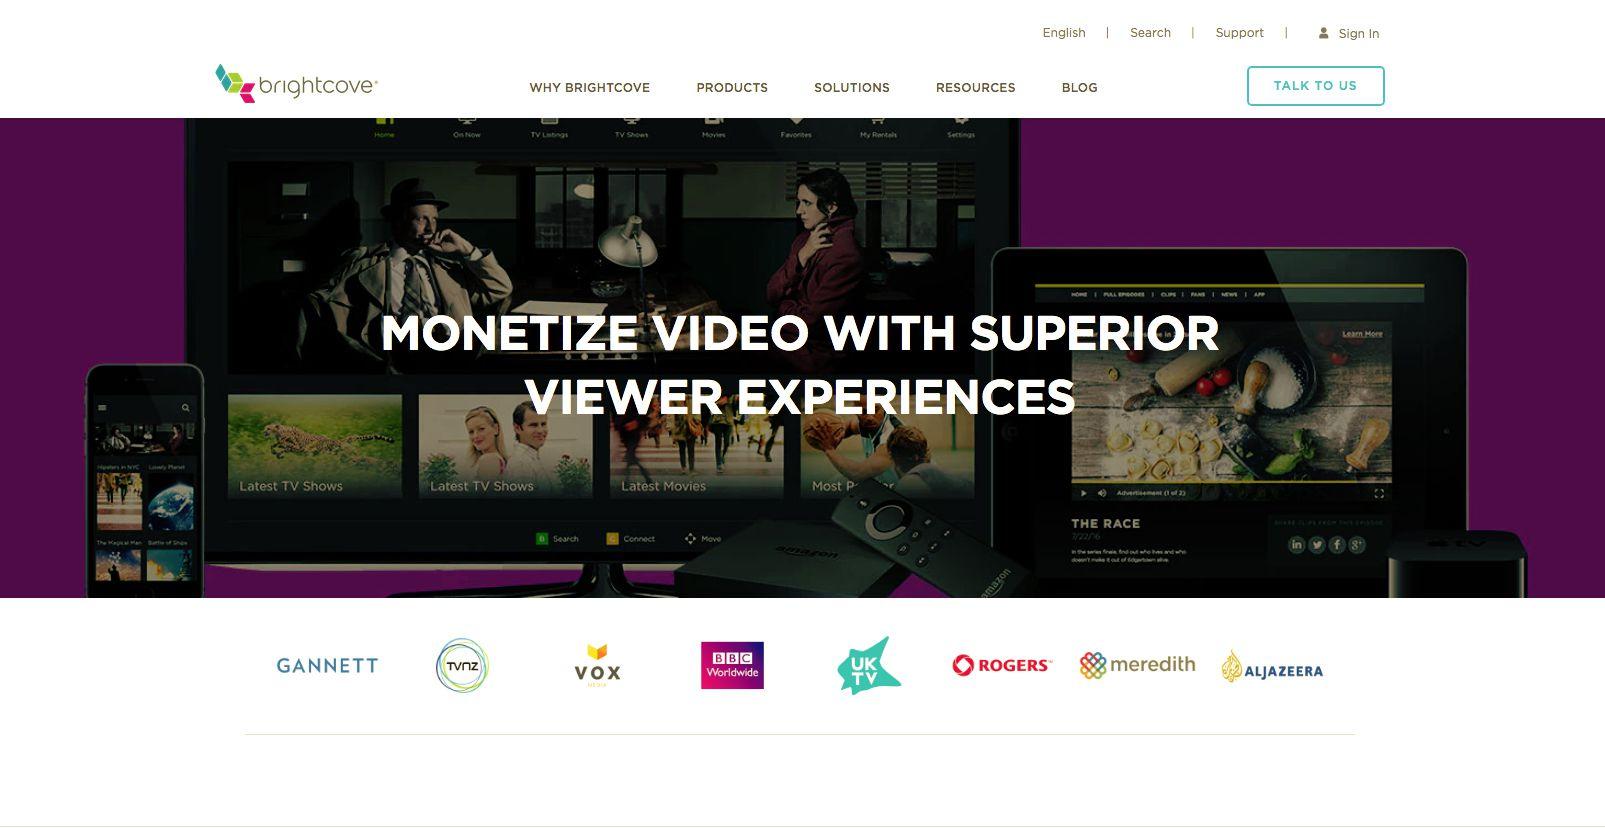 Brightcove home page